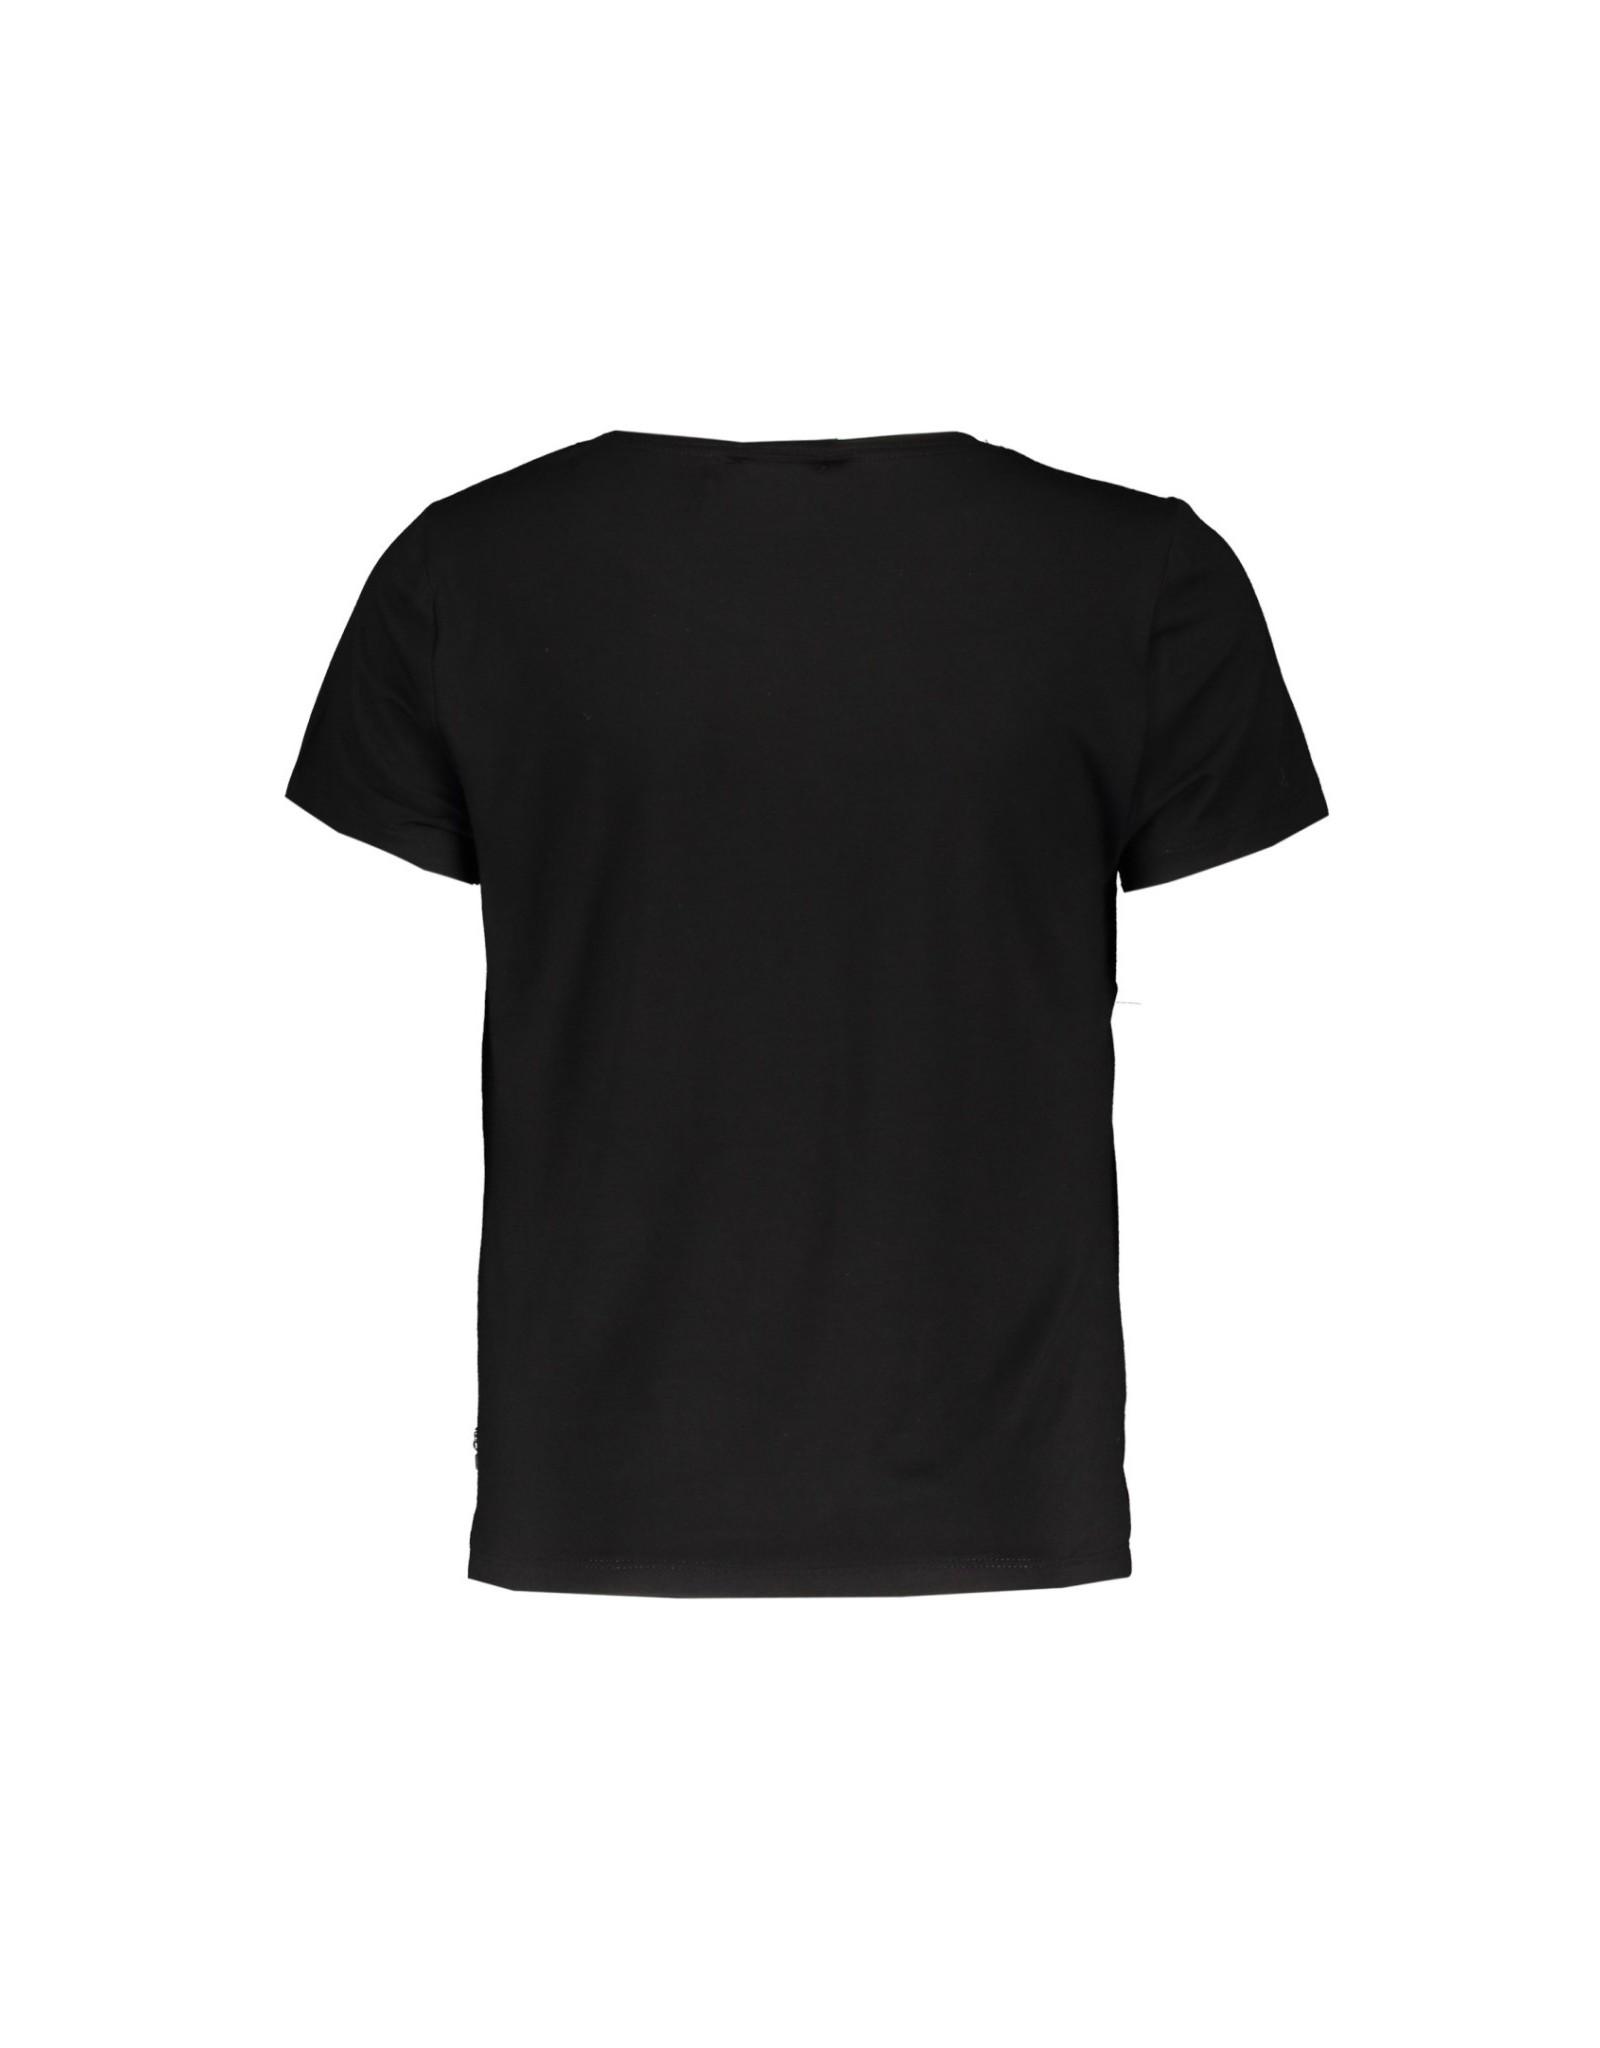 Elle Chic Elle Chic meiden t-shirt Black Sequins & Stones